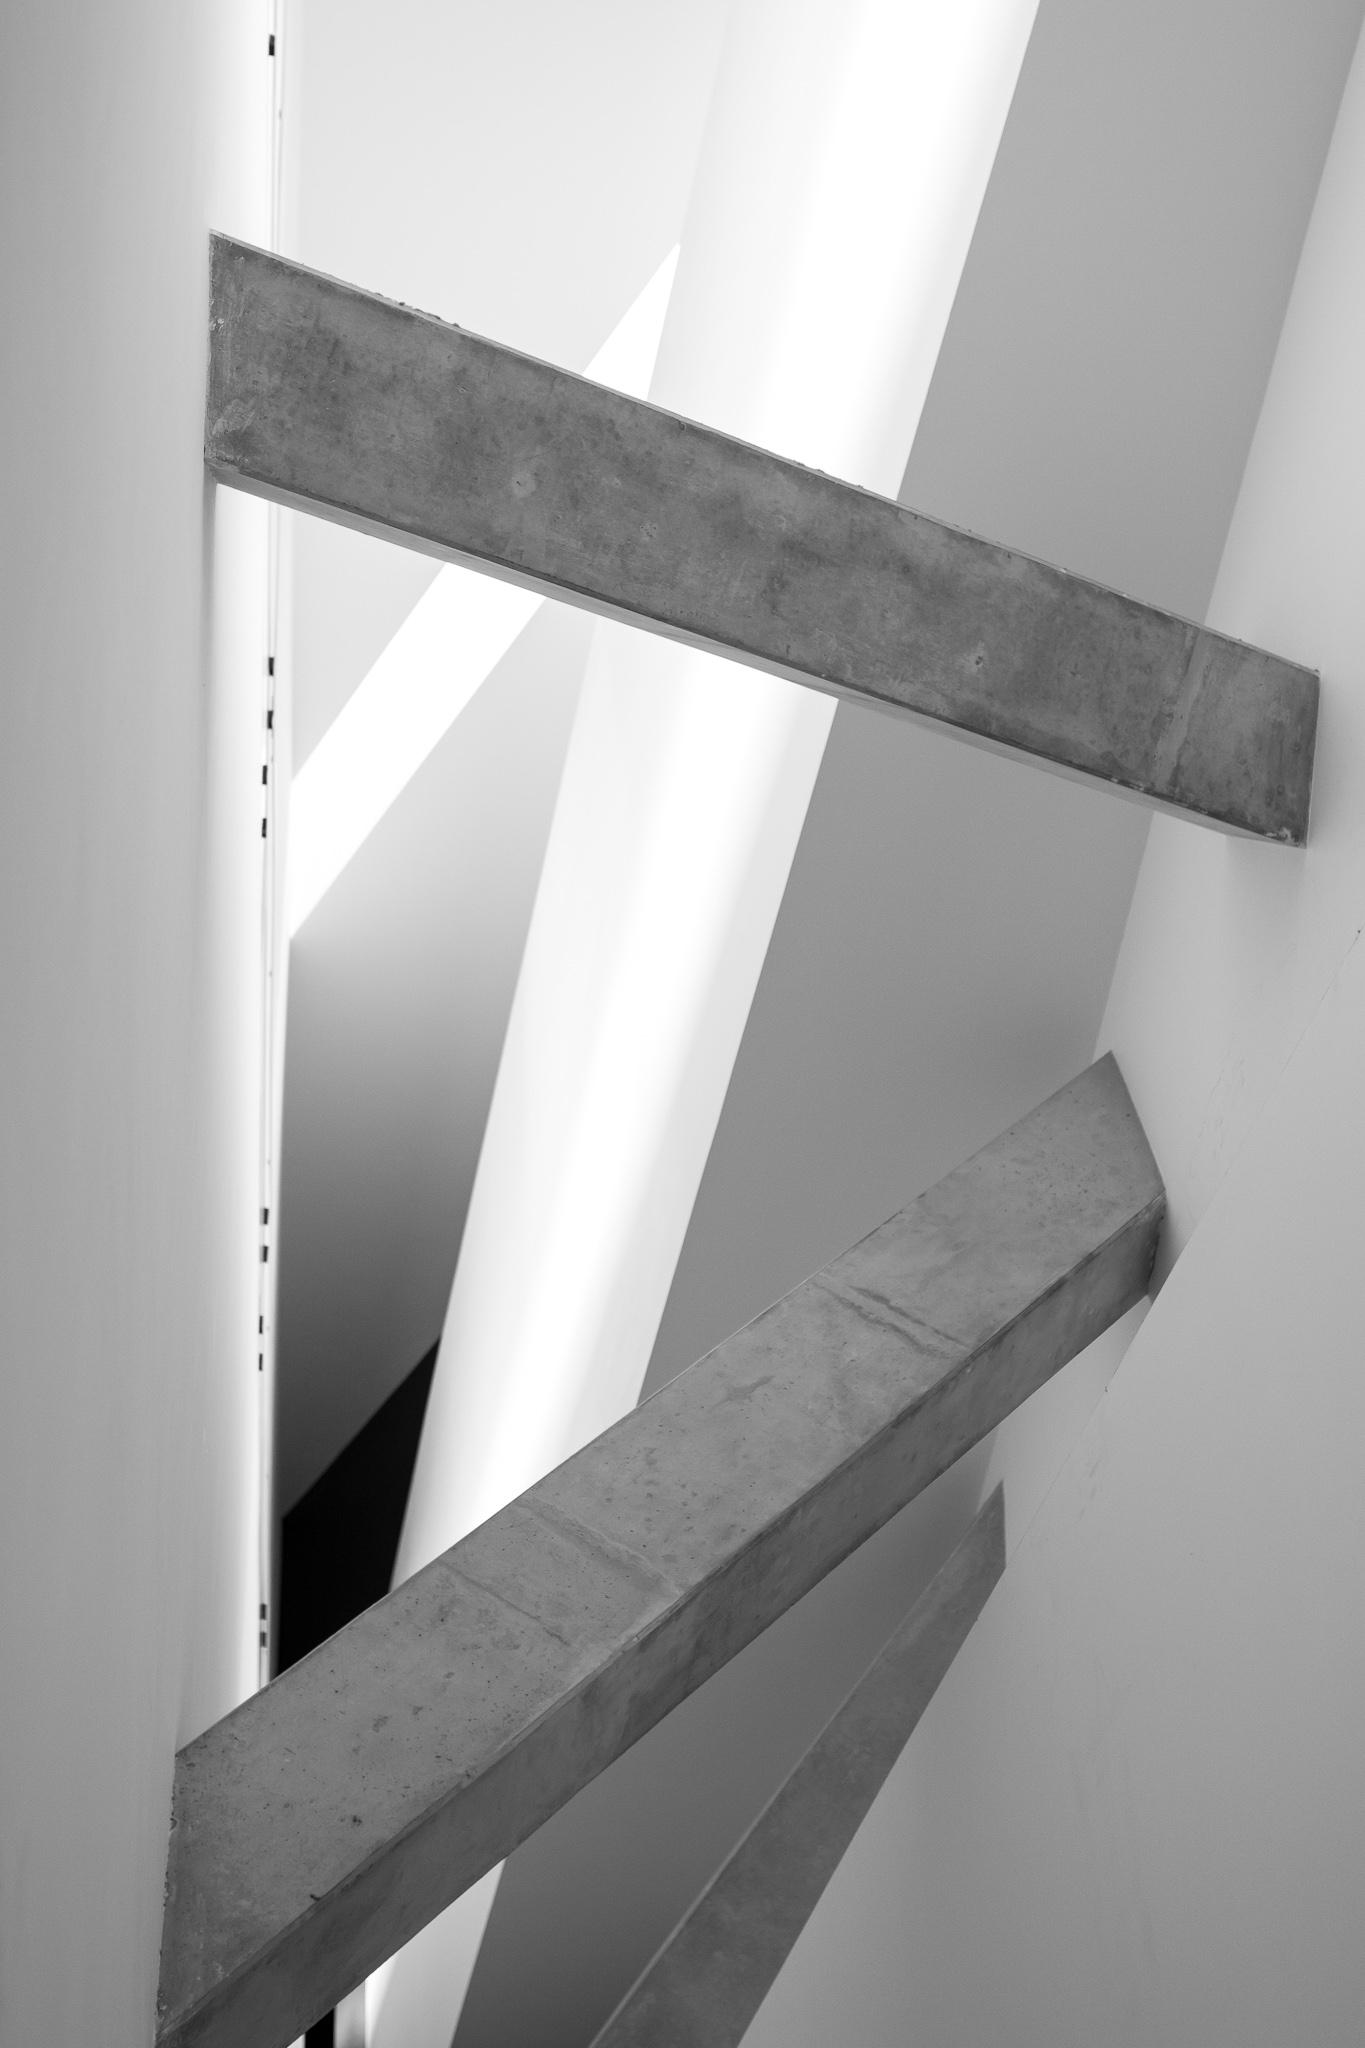 <p>Daniel Libeskind gana el concurso para el Museo Judío de Berlín en 1989, antes de haber alcanzado su popularidad actual. <br><br> El edificio, de hormigón y chapa metálica en su exterior, posee una estructura en forma de rayo o zigzag que representa una estrella de David deconstruída. <br><br> Consta de un eje de continuidad del que parte la escalera central, iluminada principalmente por la luz natural que entra por las pequeñas grietas del techo, y que continúa con la línea del edificio.</p>